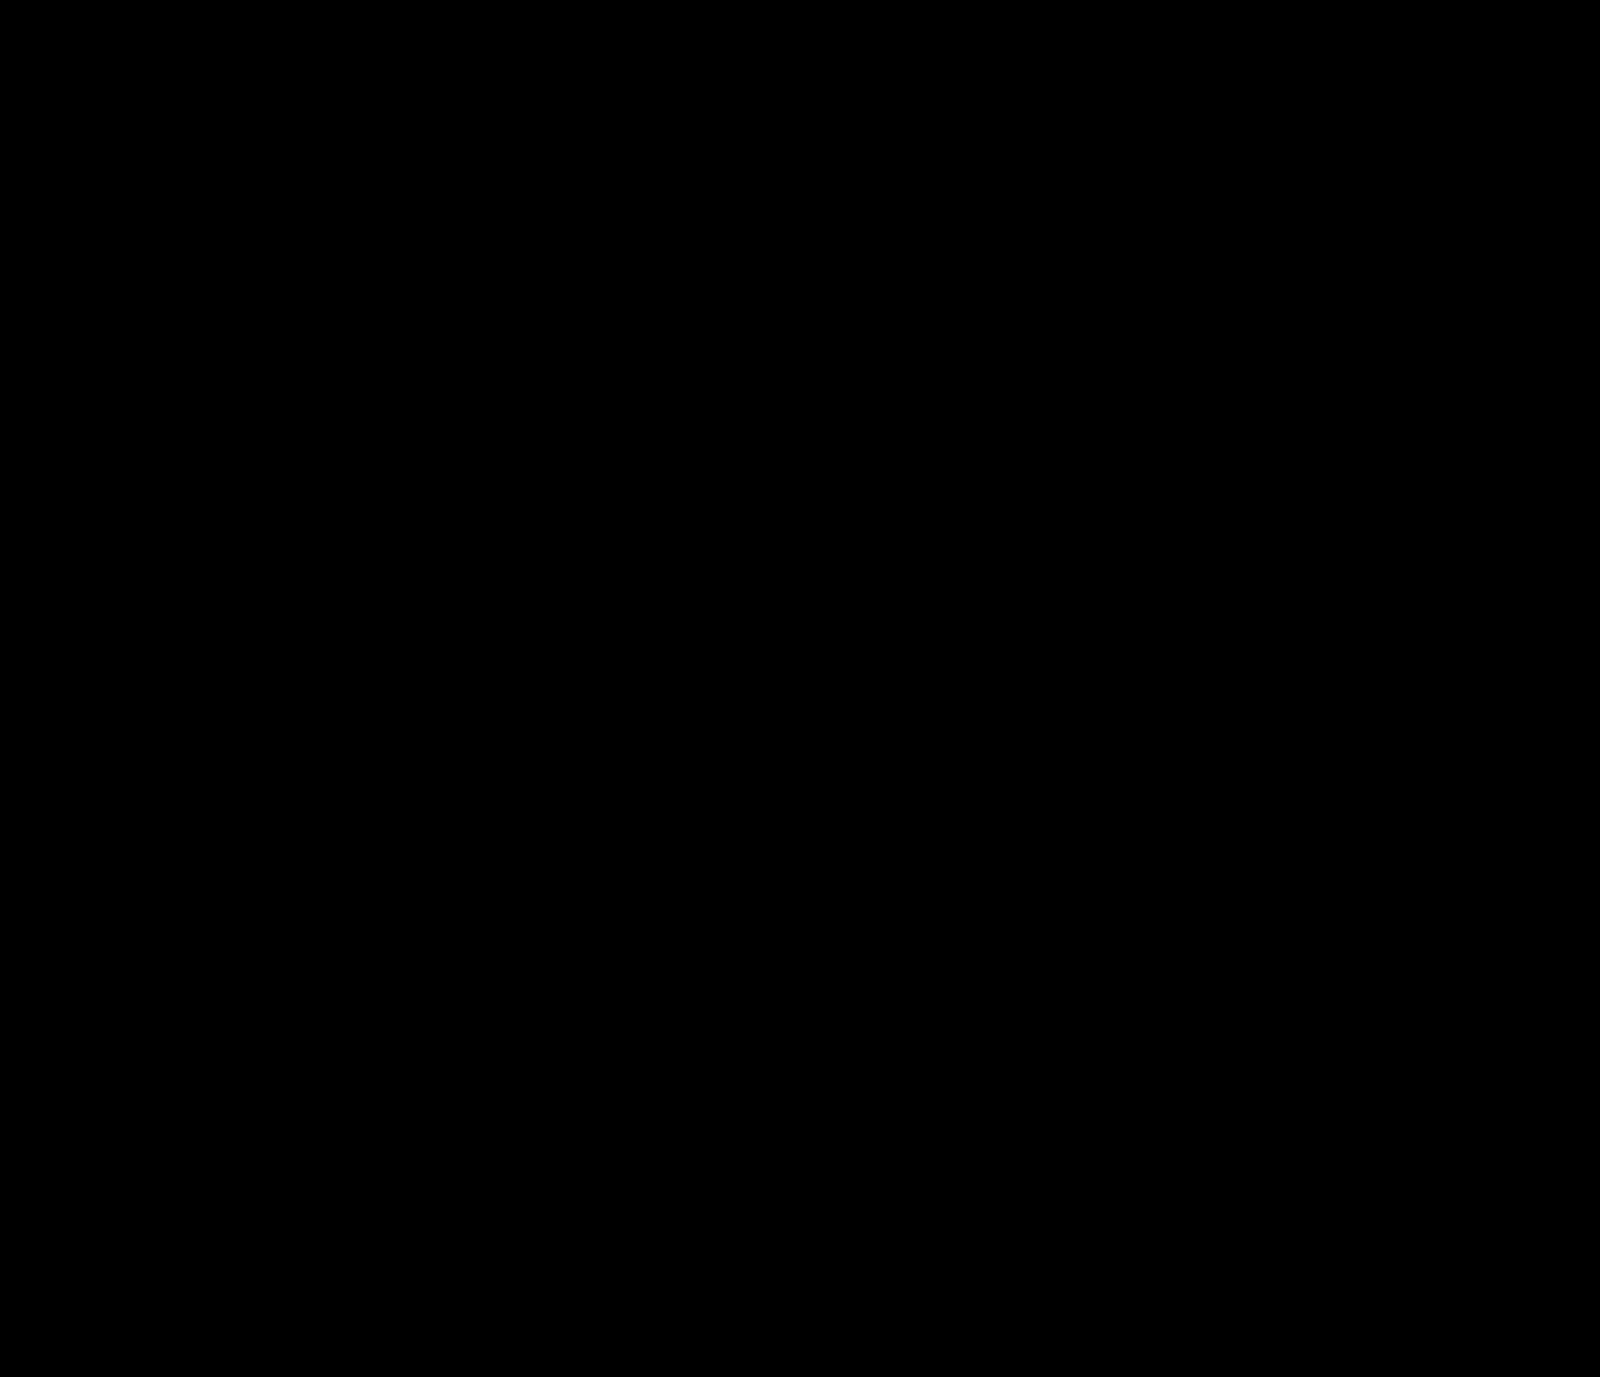 Cup Of Tea SVG Clip arts